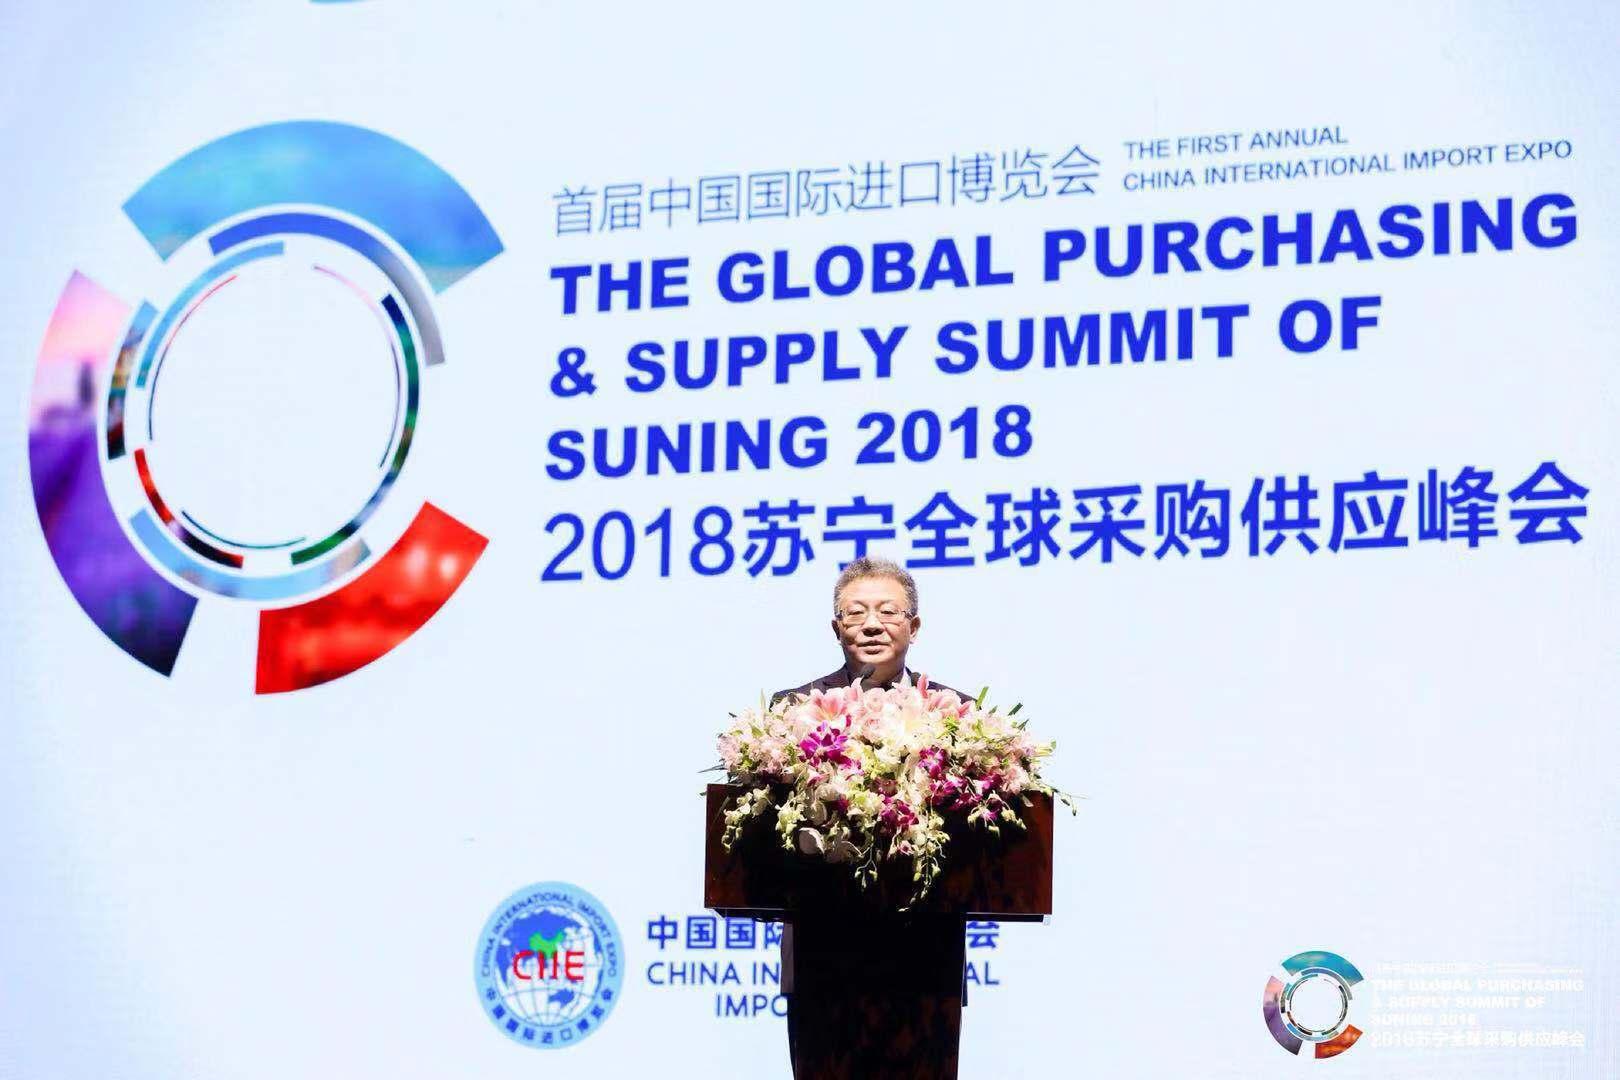 号外|苏宁:进博会期间海外采购金额将达1200亿元